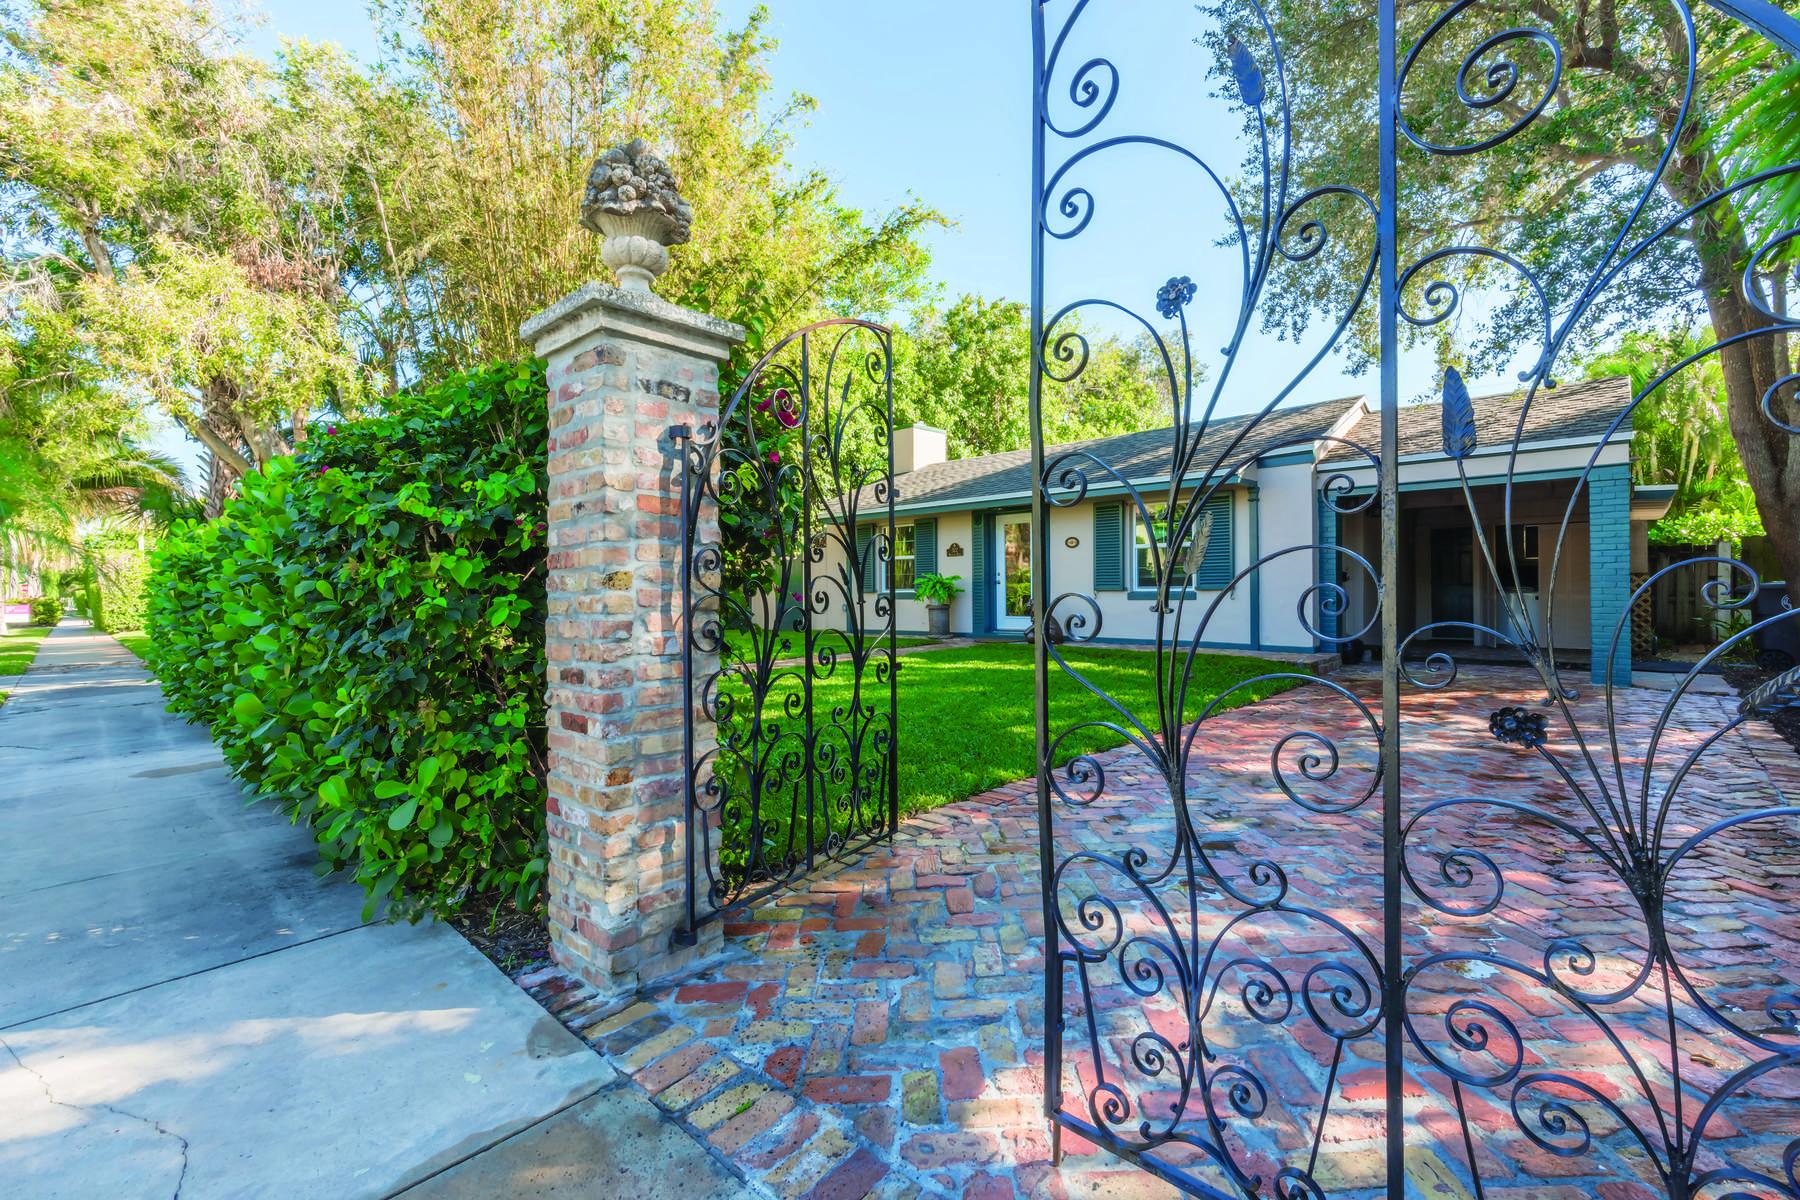 Casa Unifamiliar por un Venta en Historic El Cid Landmark 322 Valencia Rd, West Palm Beach, Florida, 33401 Estados Unidos